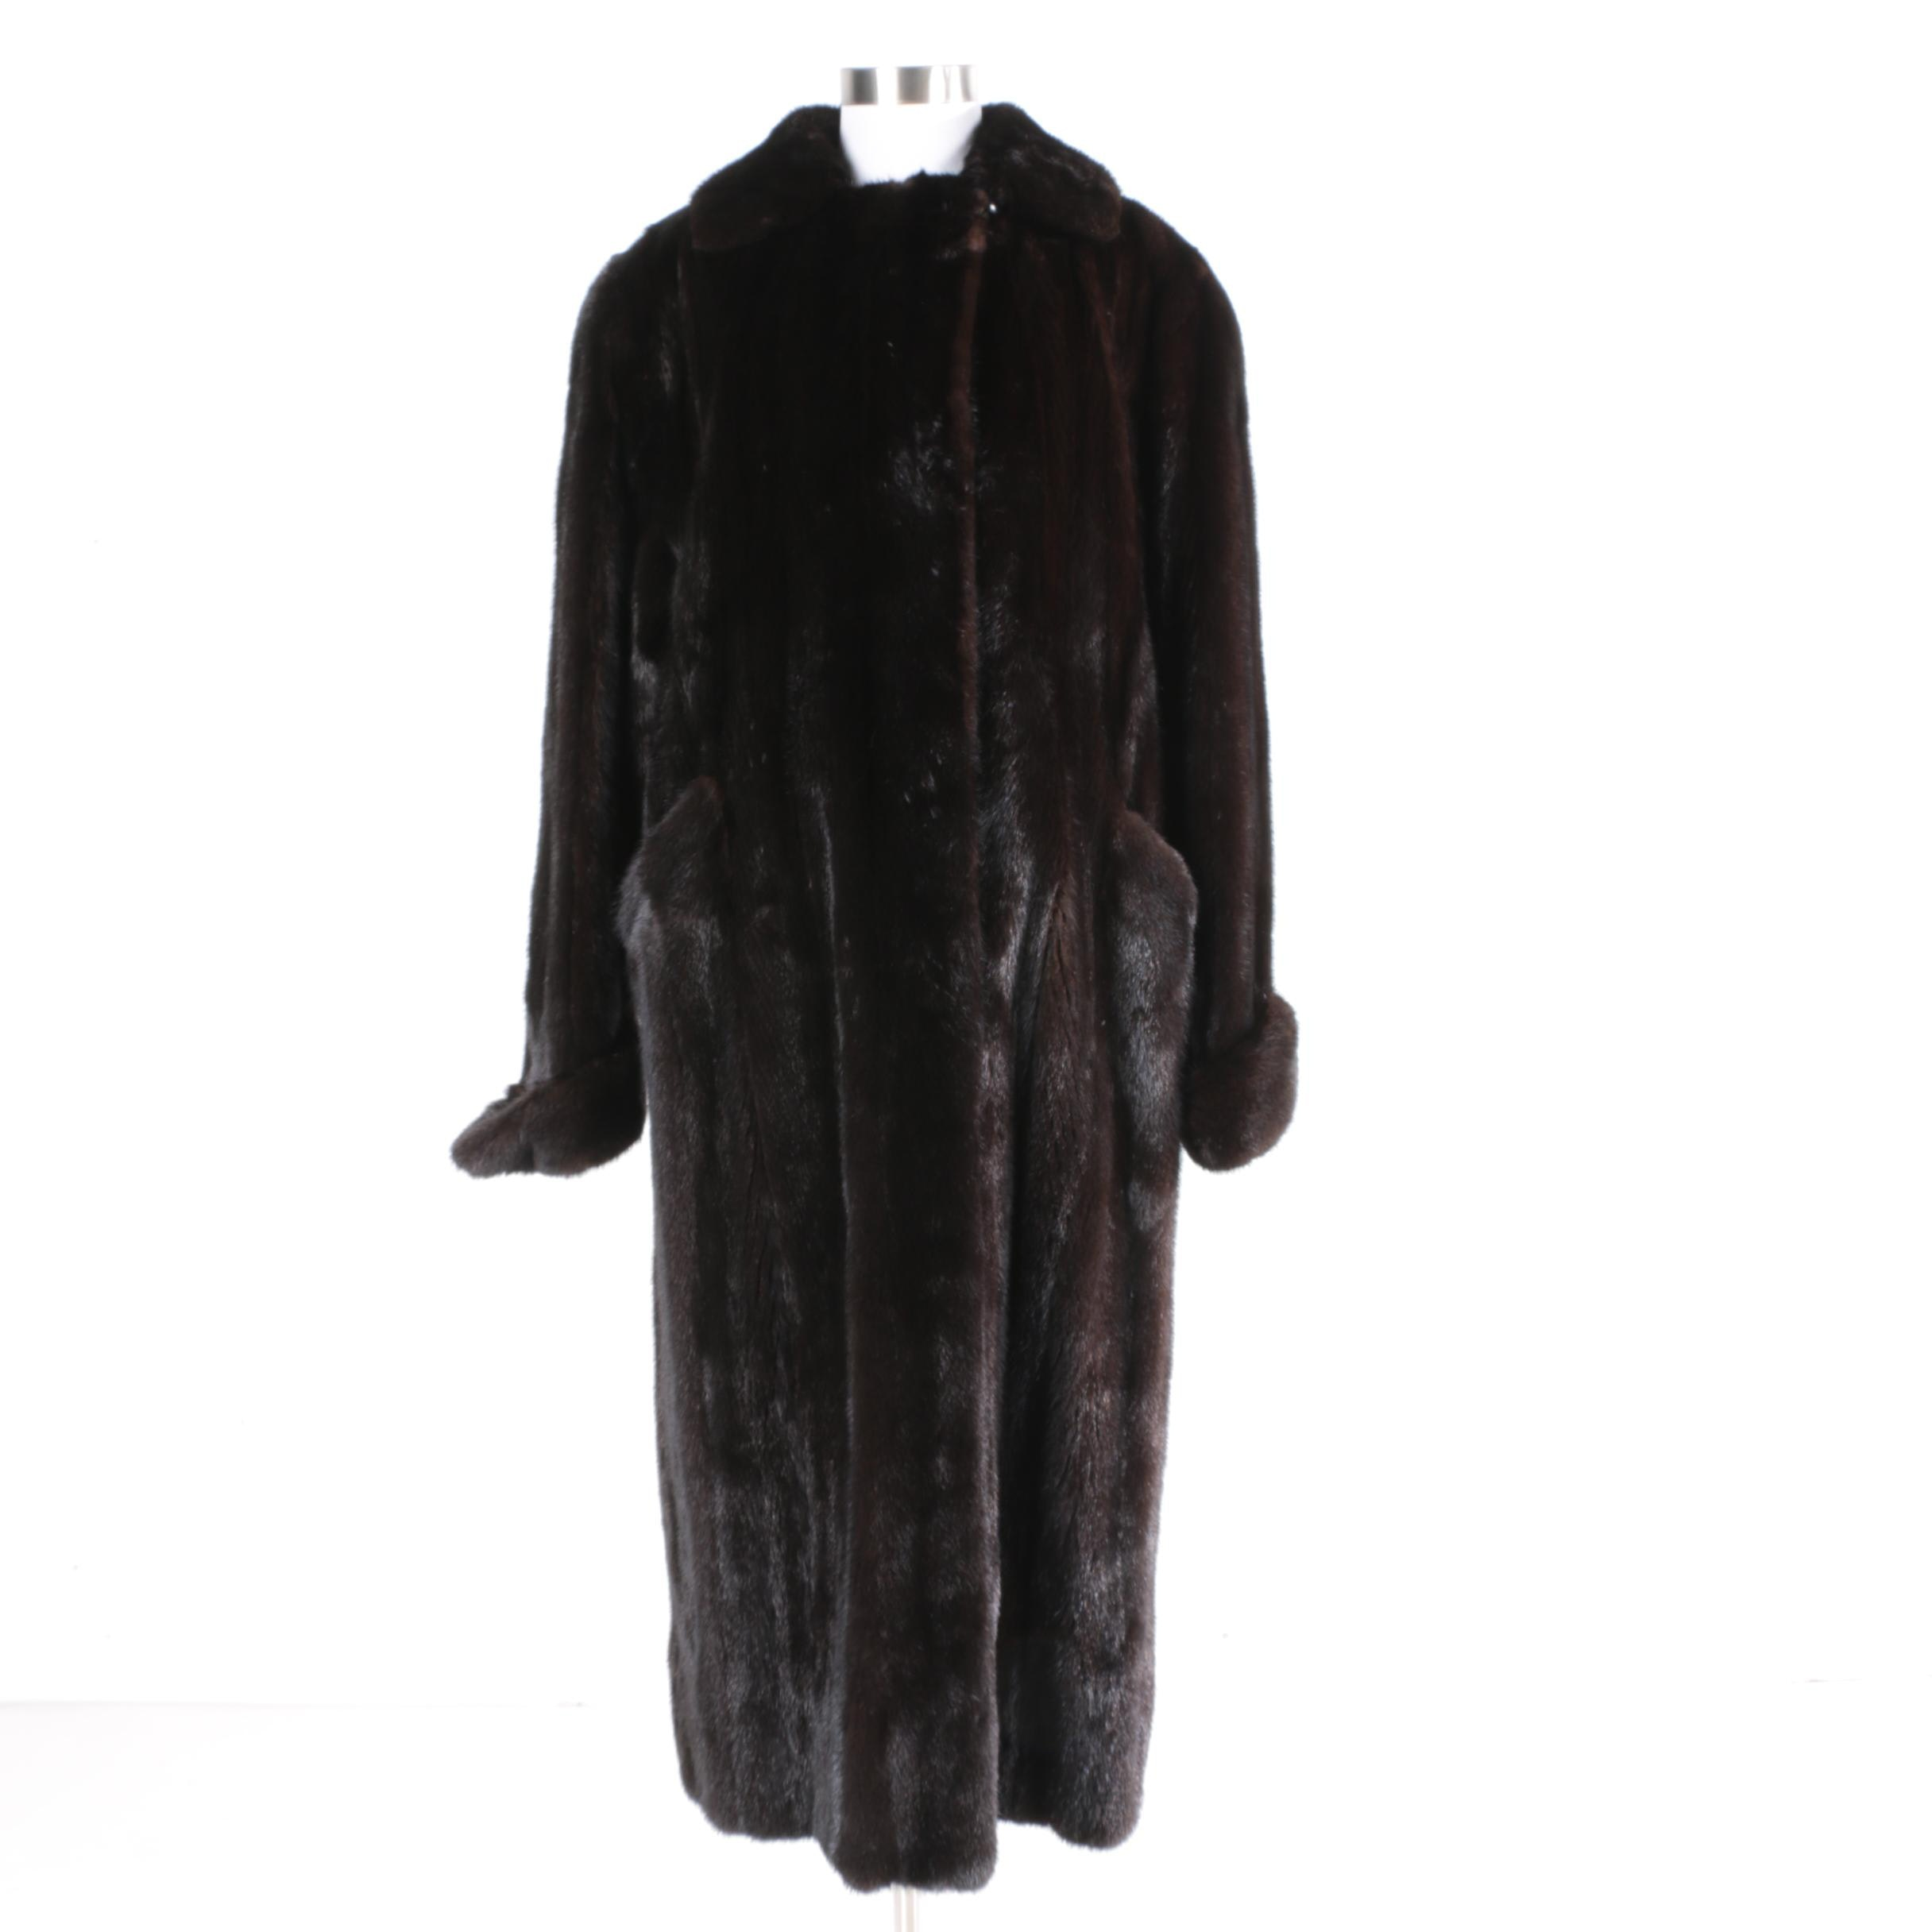 Women's Vintage Mink Full-Length Coat